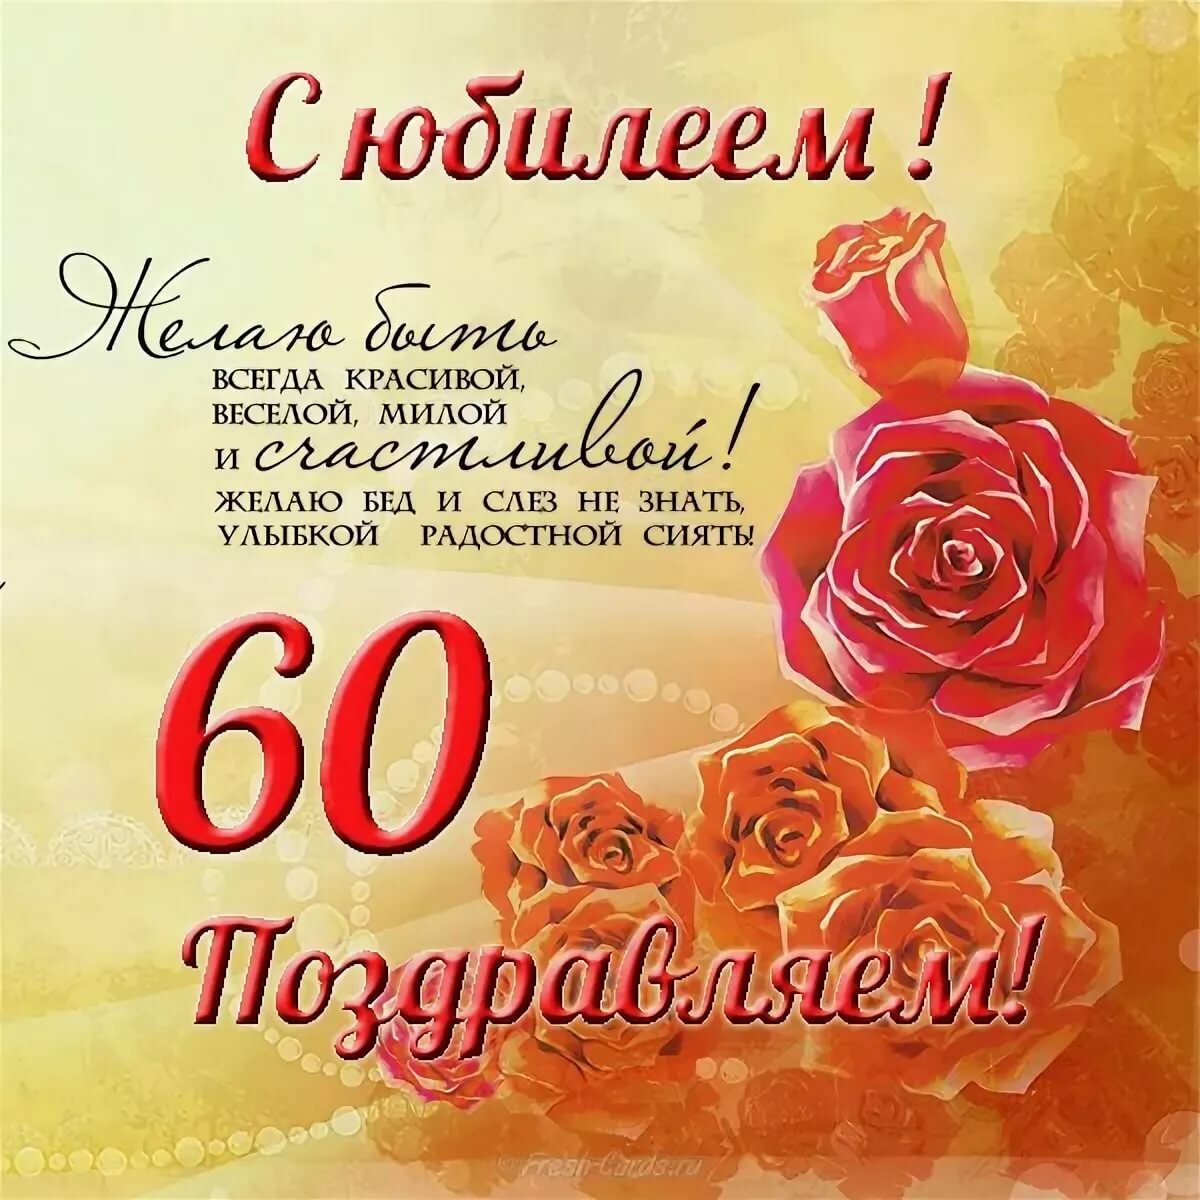 Поздравления с 60 летием мужчине в стихах красивые картинки, днем рождения открытки